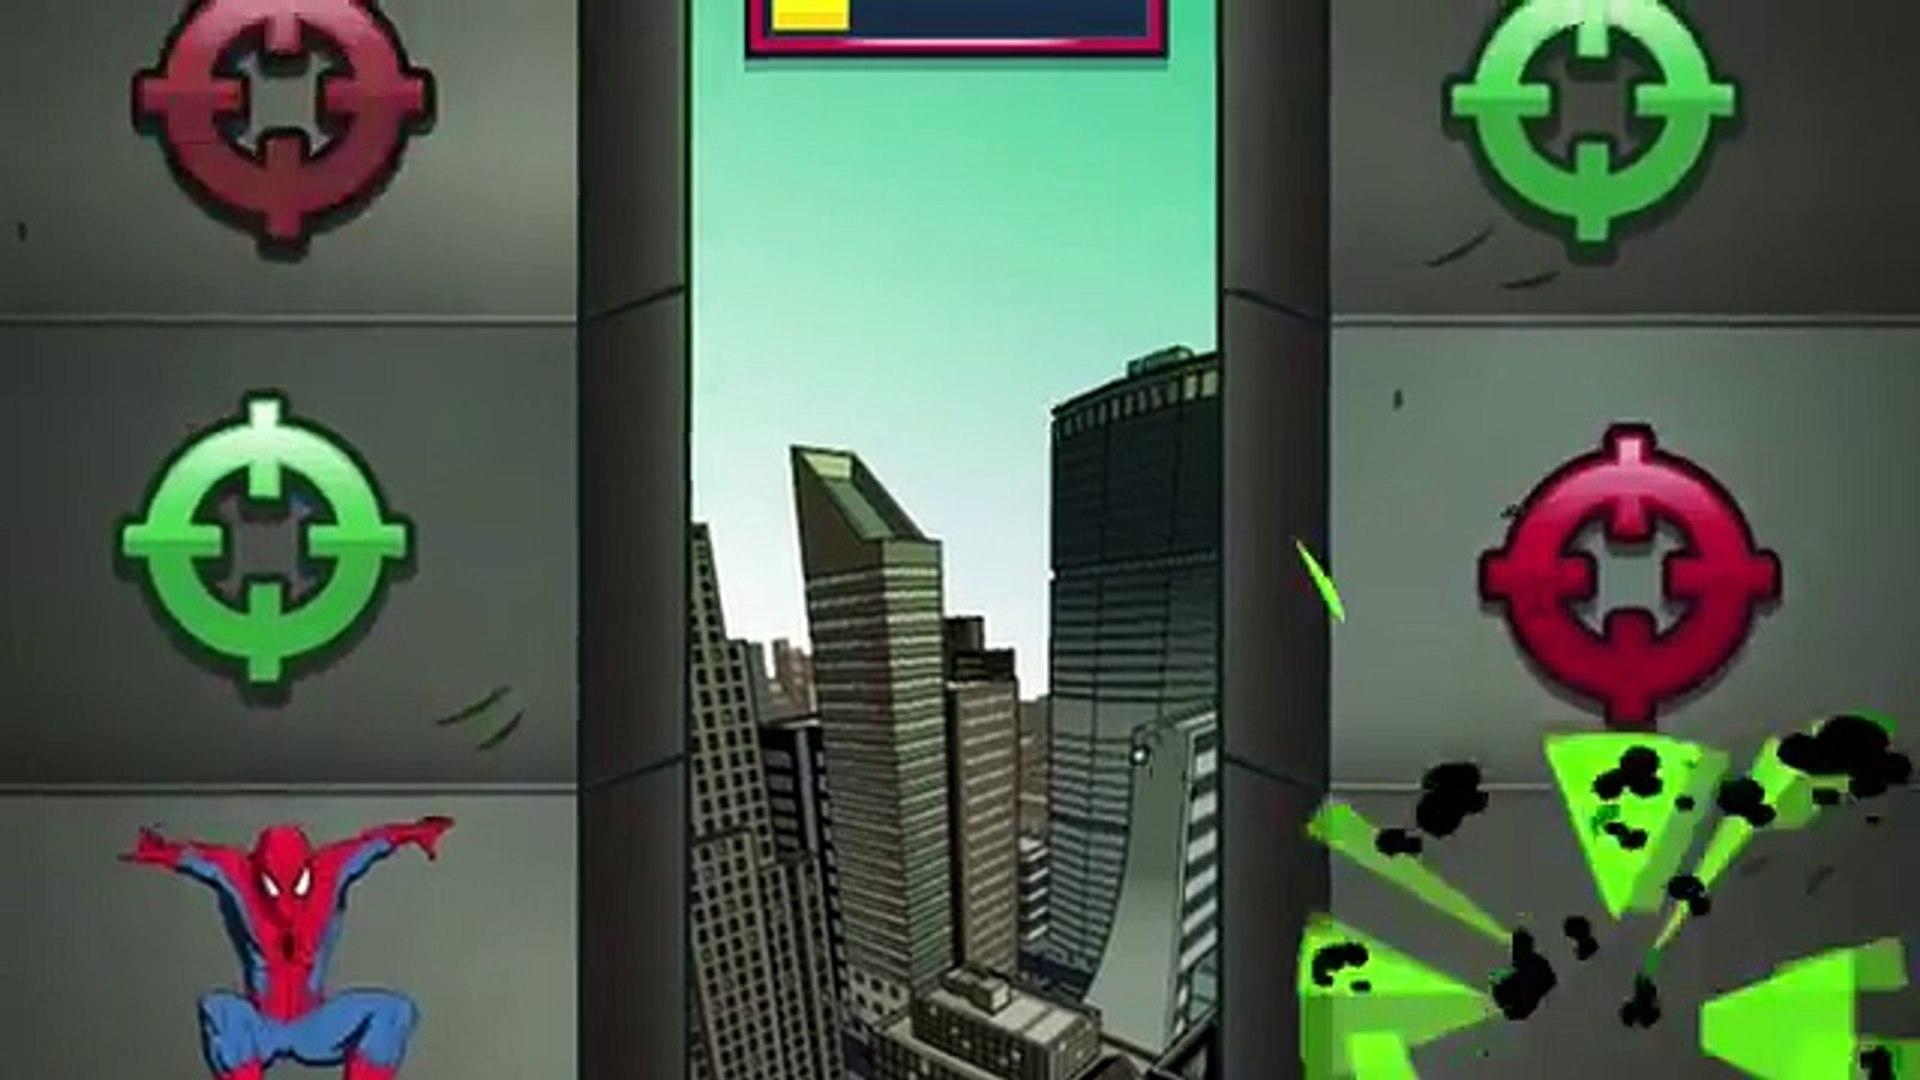 Spiderman   Green Goblin Havoc   So Gaming Kids